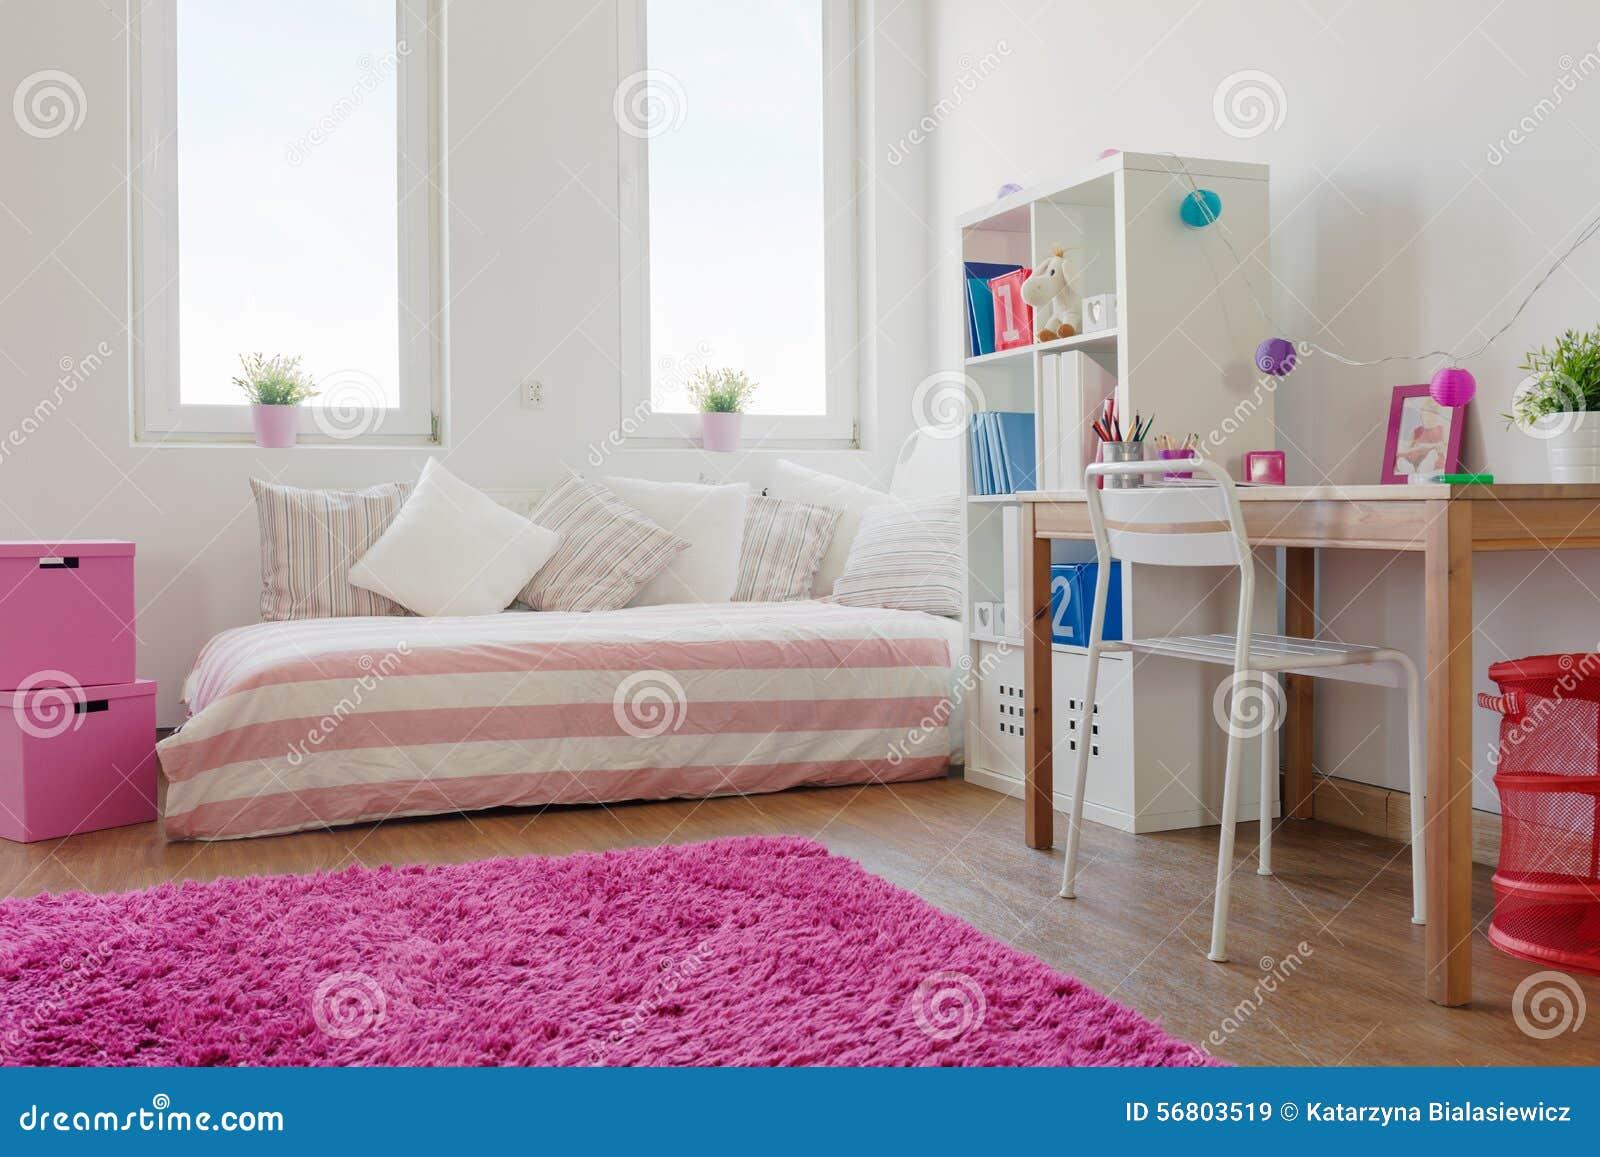 Vitt rum med rosa färgmatta arkivfoto   bild: 56803519